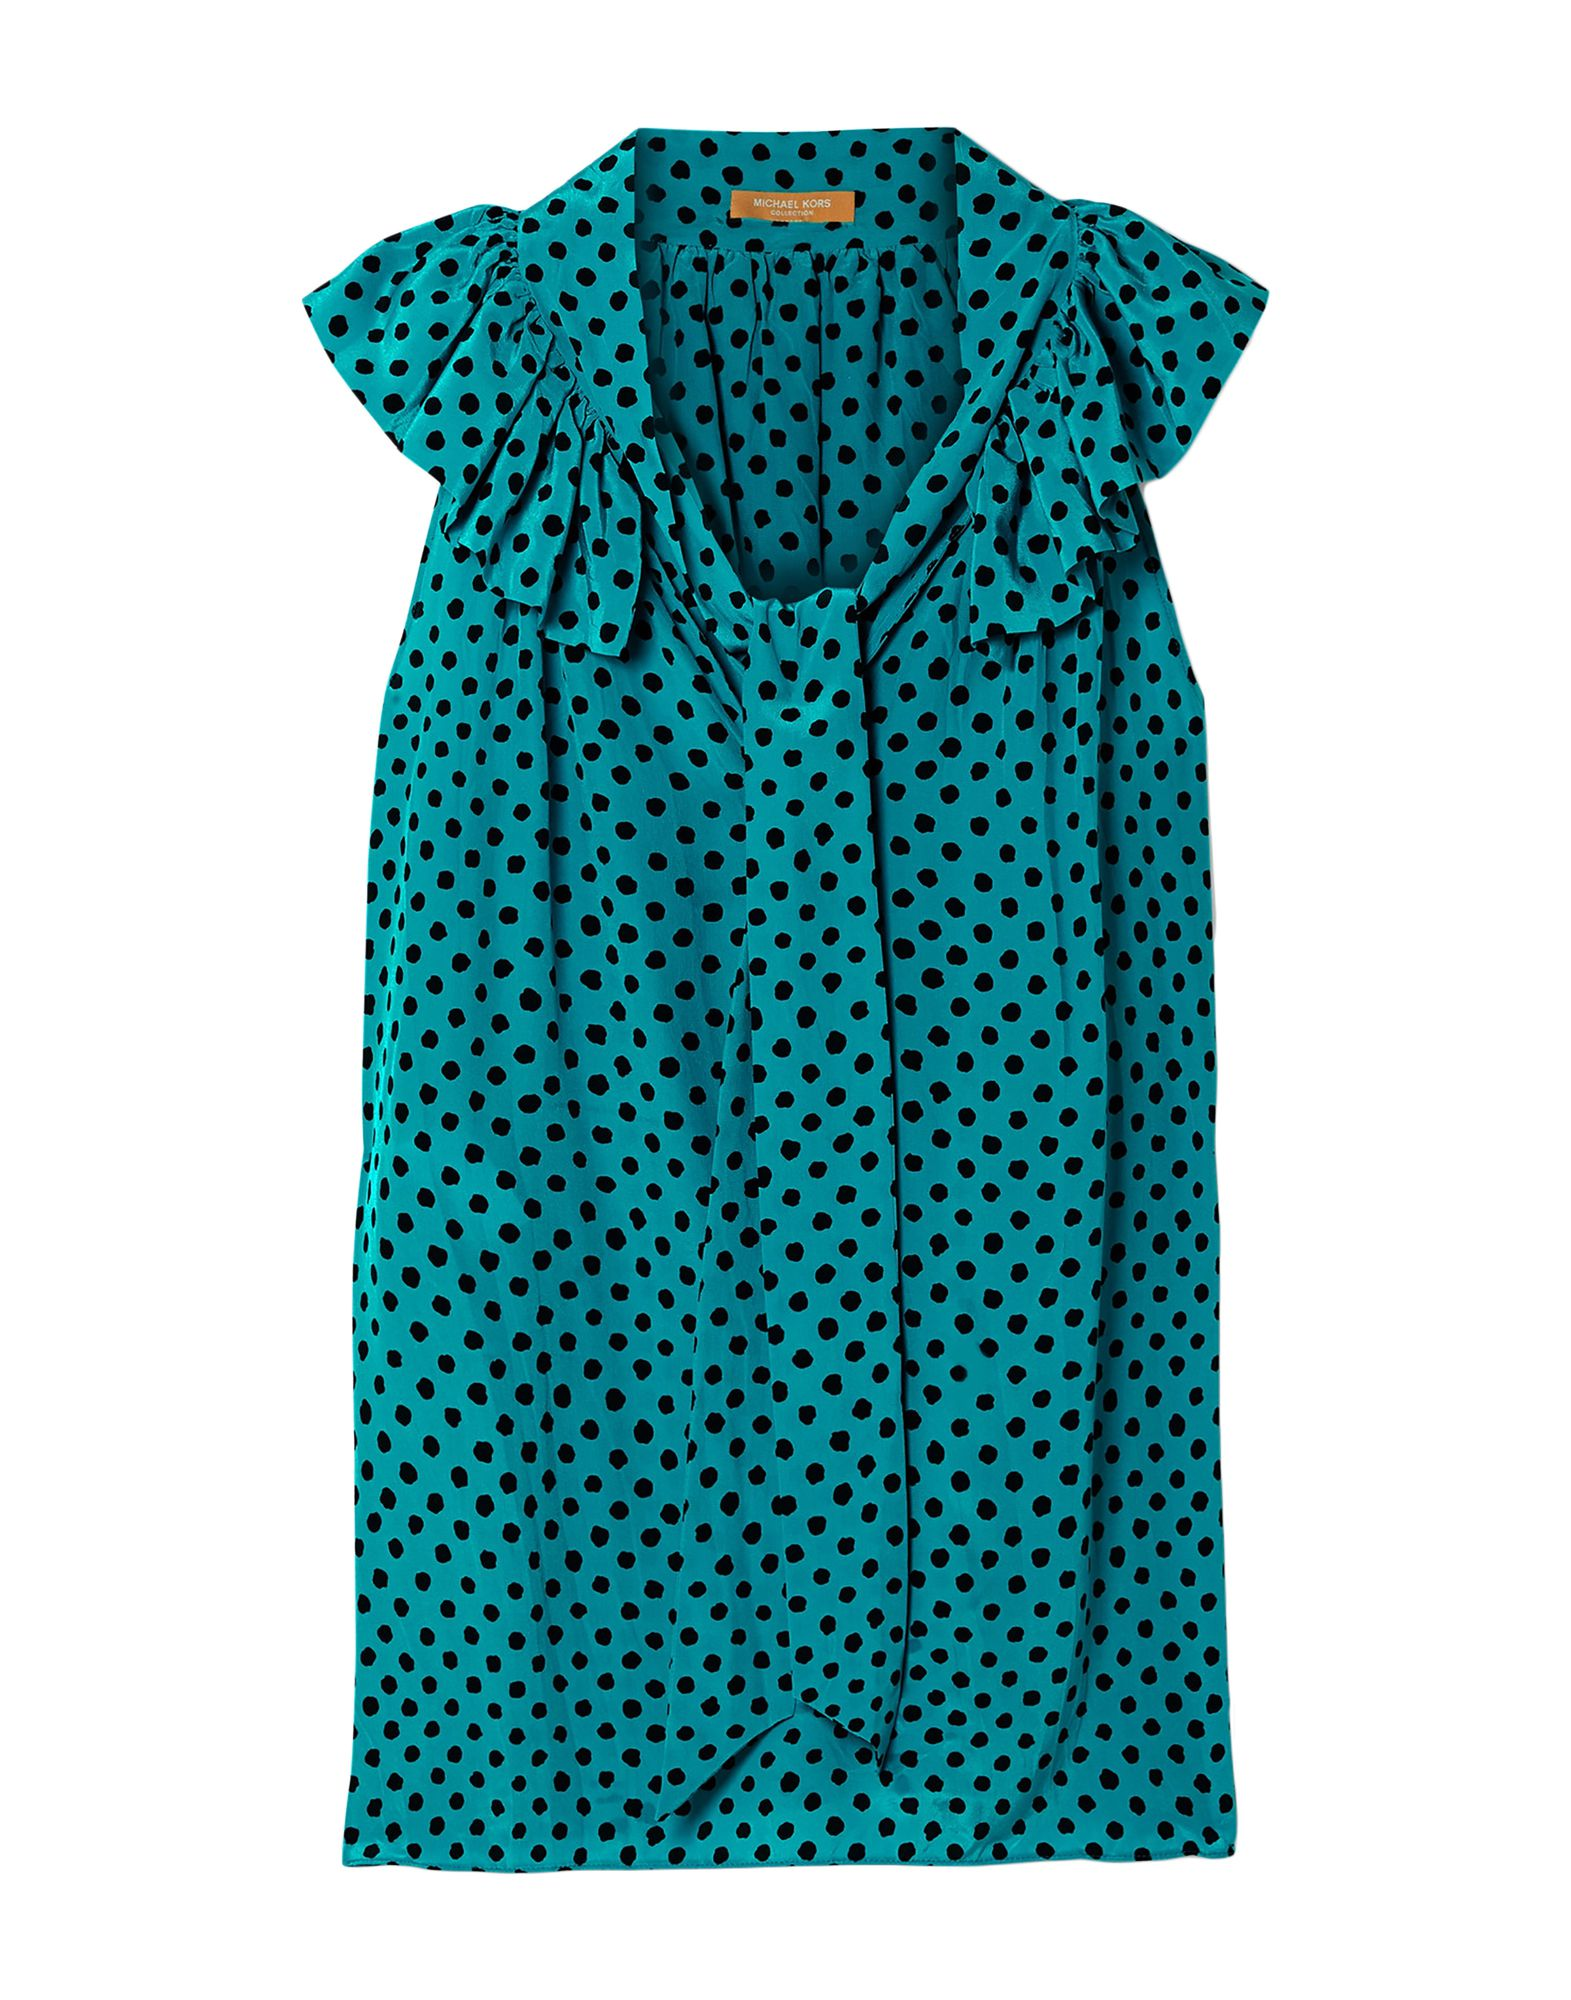 Фото - MICHAEL KORS COLLECTION Топ без рукавов michael kors collection юбка длиной 3 4